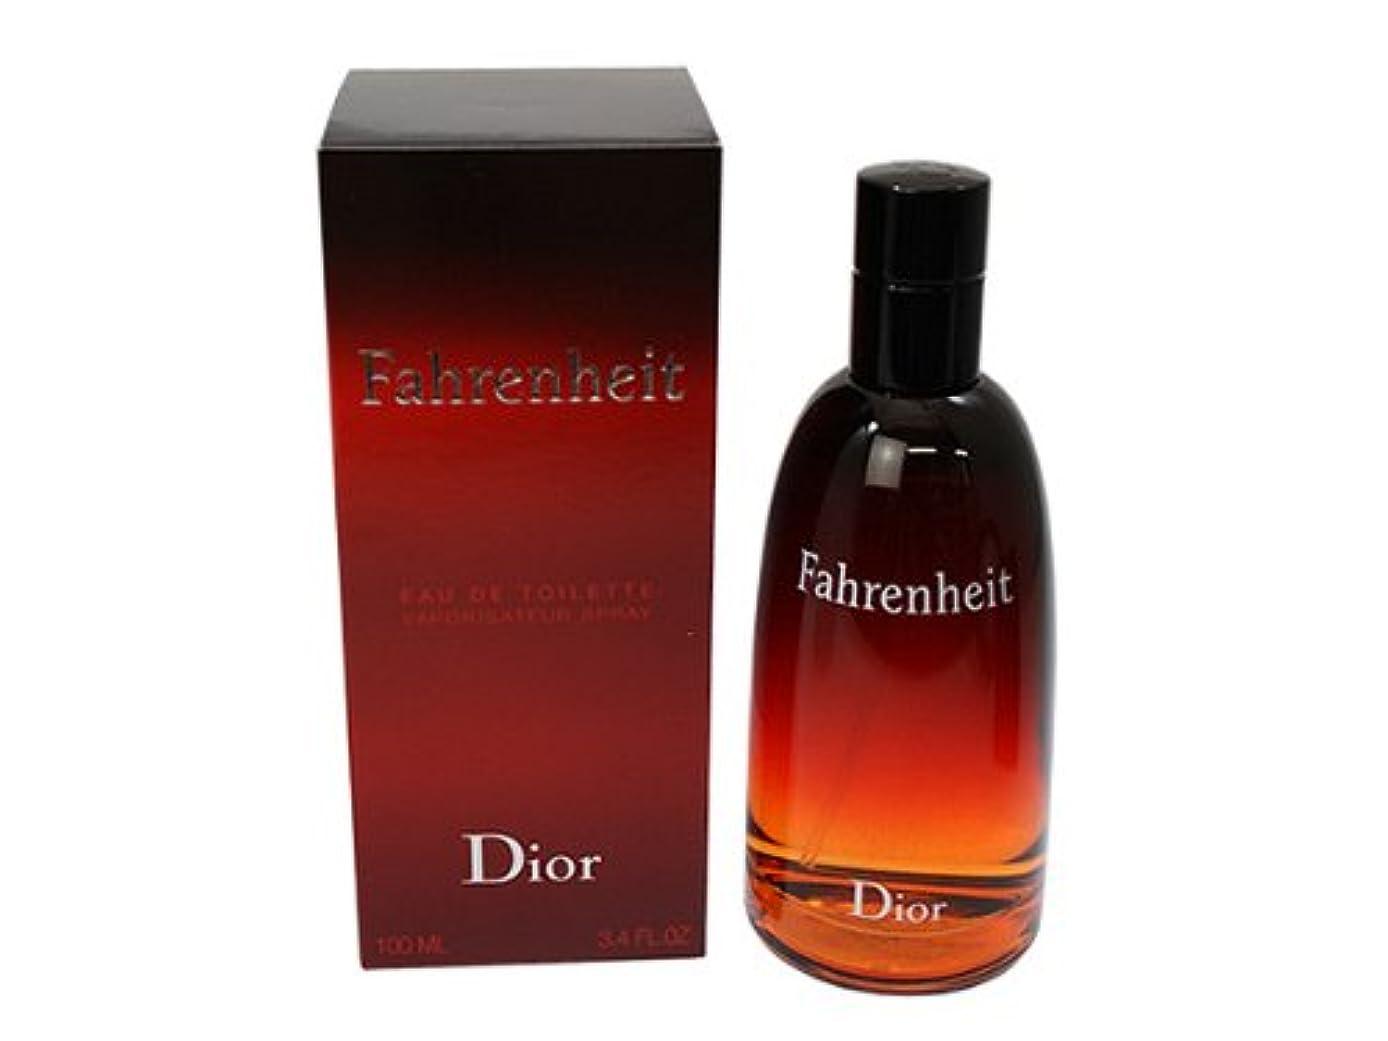 名前を作るアミューズではごきげんようファーレンハイト Dior クリスチャンディオール オードトワレ EDT 100ML メンズ用香水、フレグランス